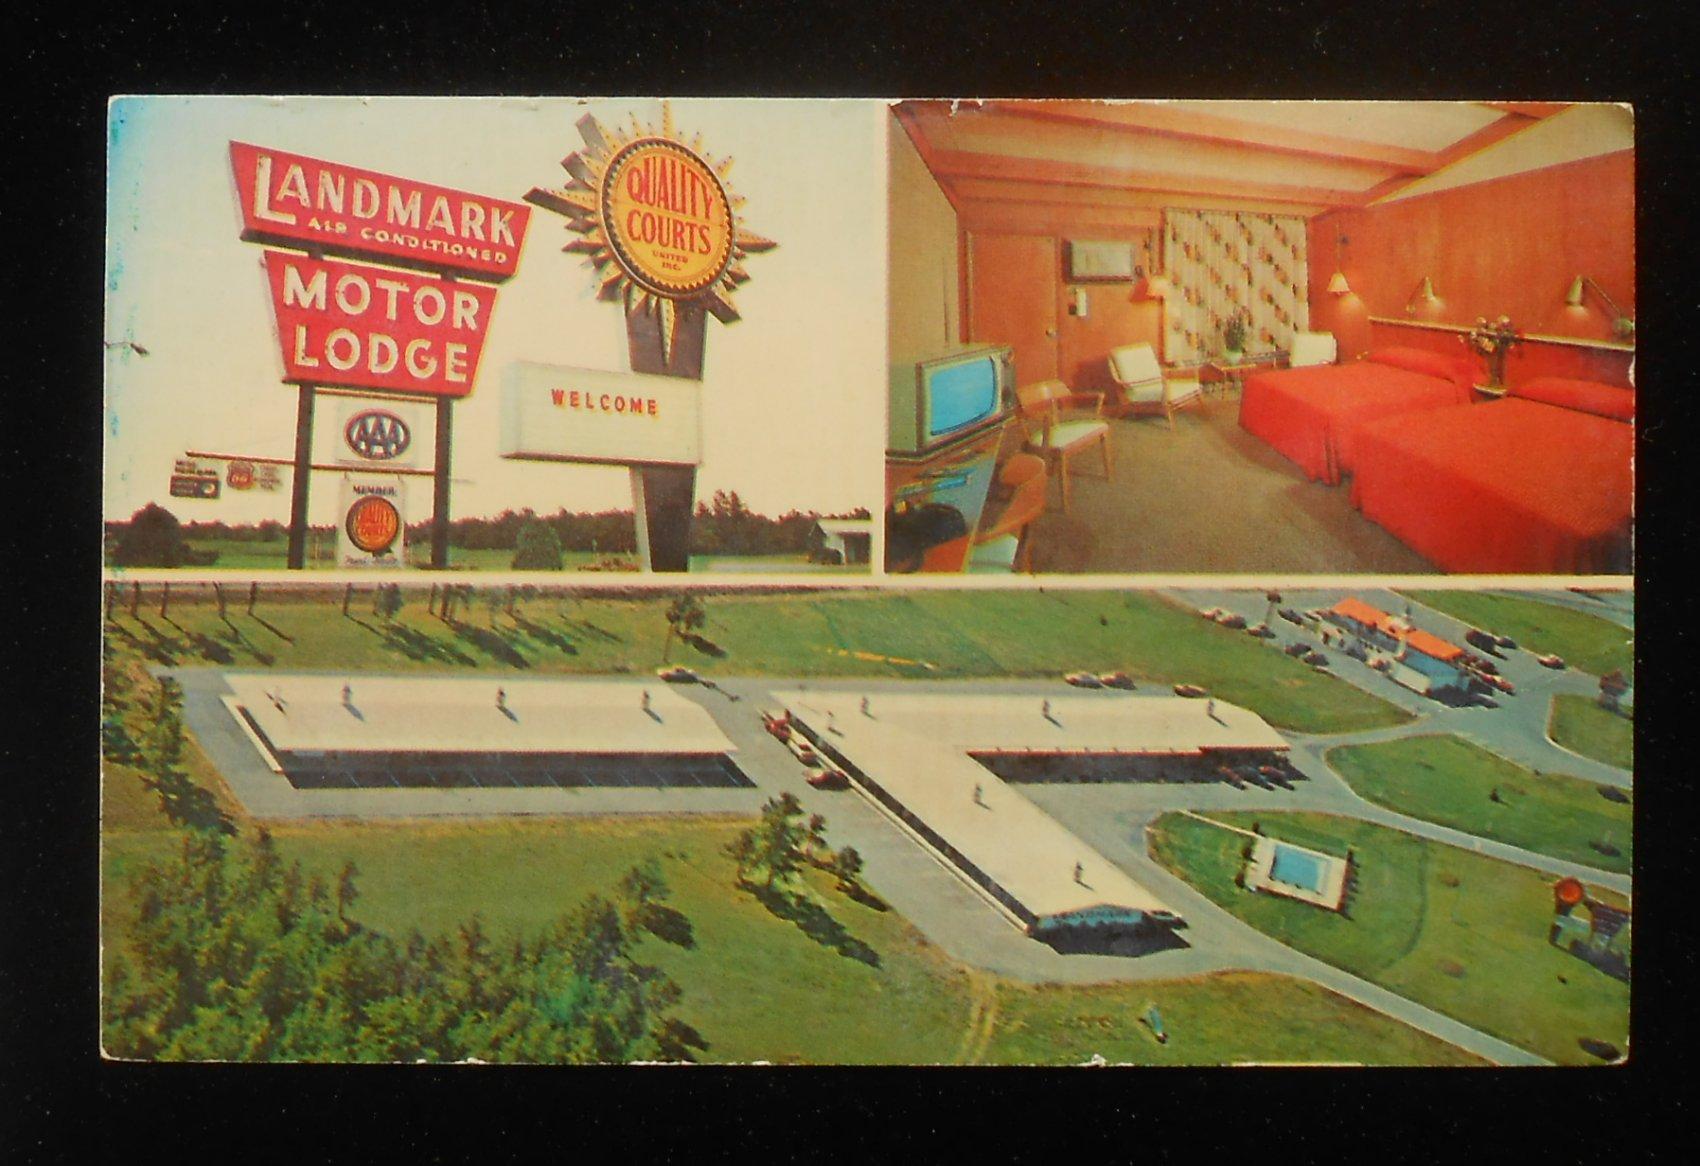 1960s Interior Aerial View Landmark Motor Lodge Howard